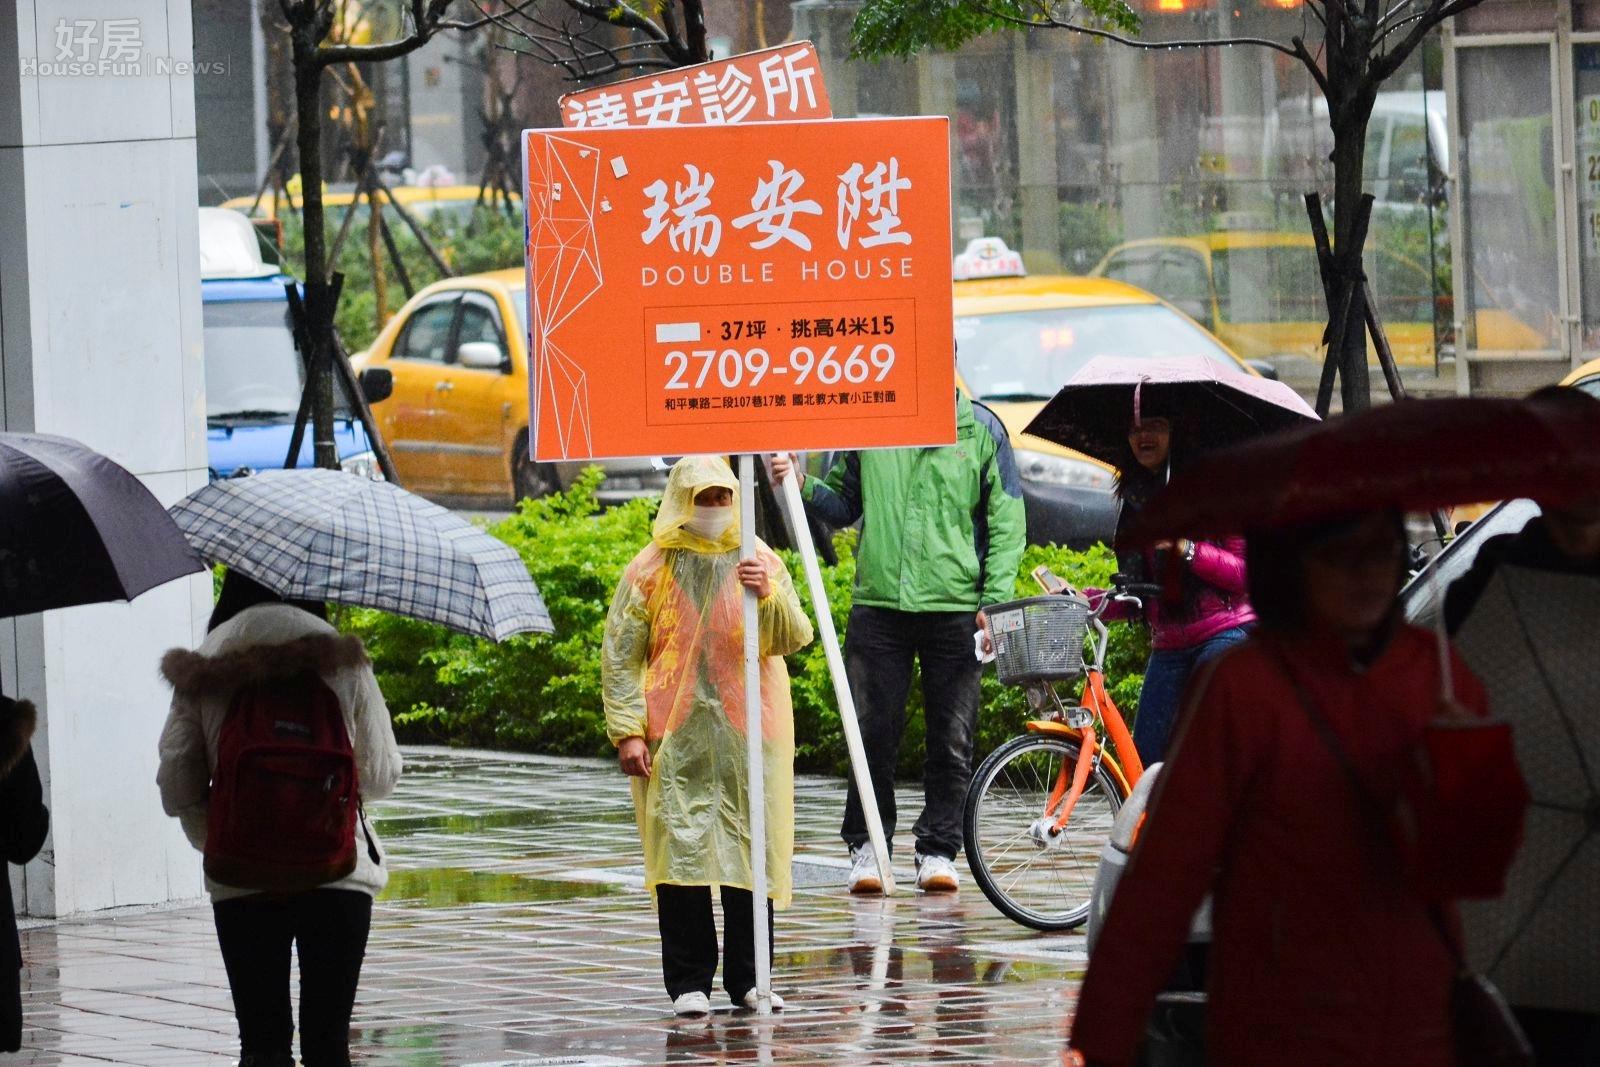 即使下雨天,在人潮眾多的地方,也時常看見舉牌工人穿著雨衣站在交通要道 宣傳建案廣告。(好房News記者 陳韋帆/攝影)